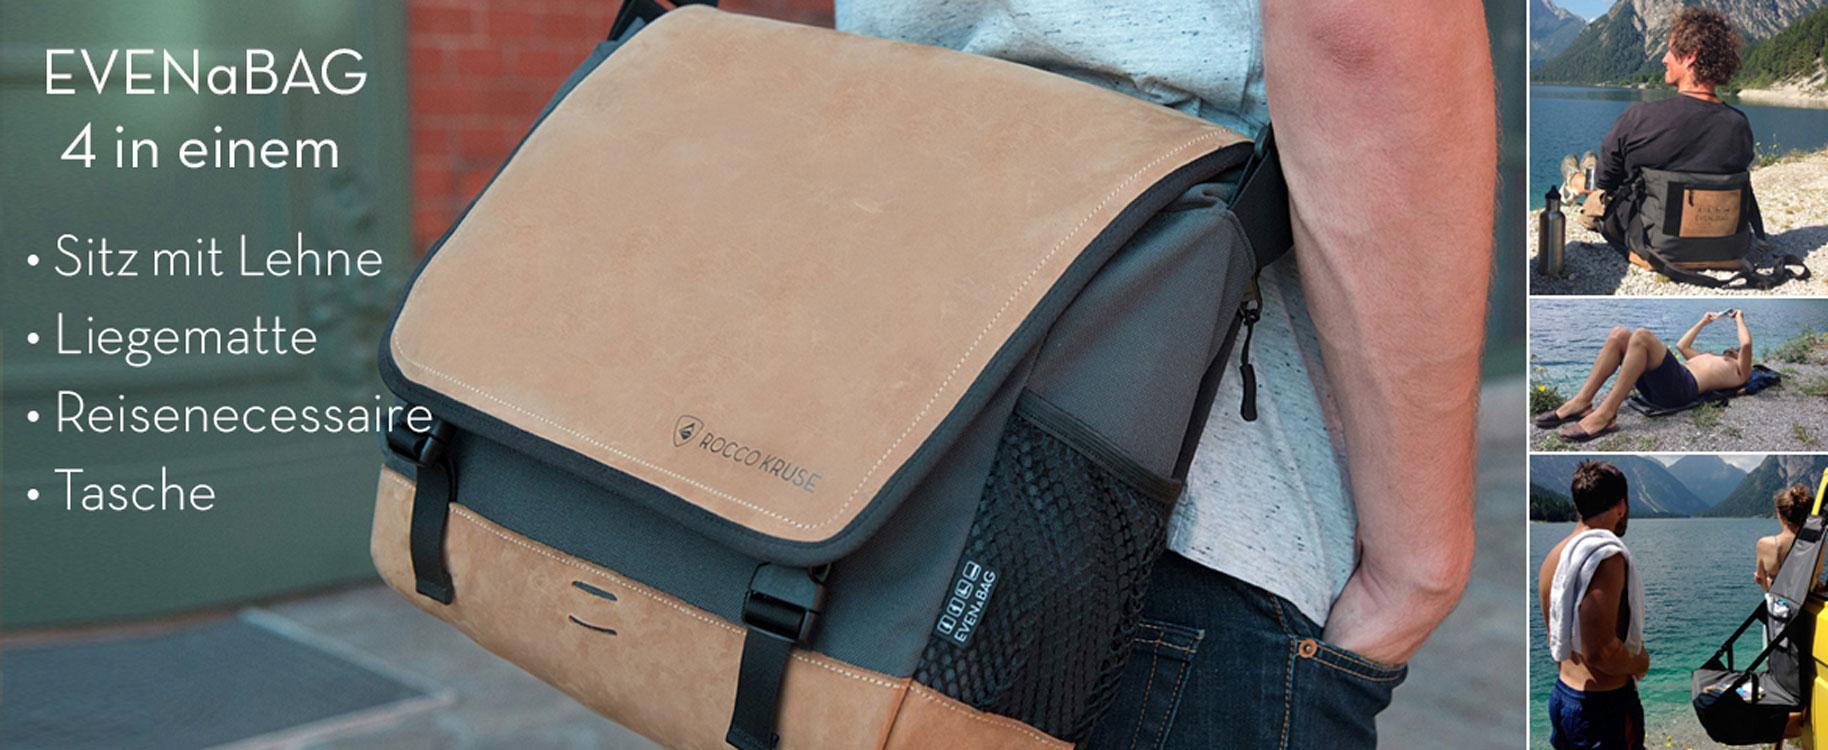 EVENaBAG Multifunktionstasche mit vier Funktionen